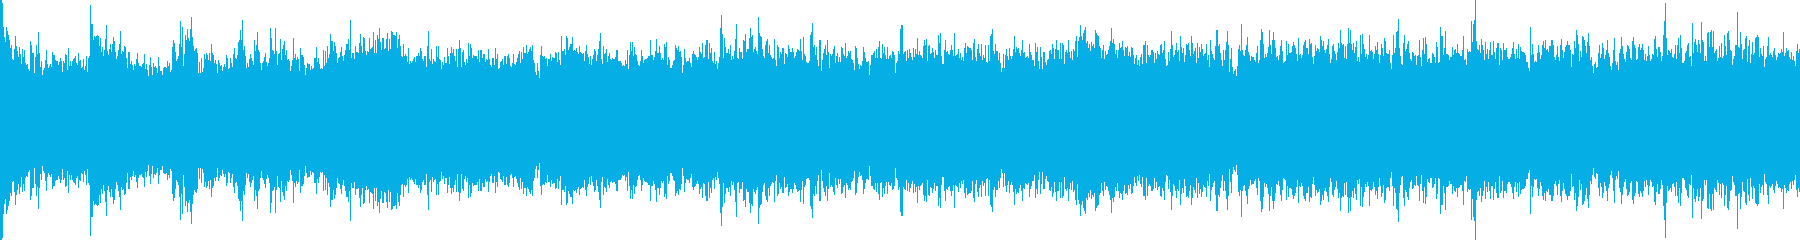 ダークファンタジーボーカル/ループ可1分の再生済みの波形